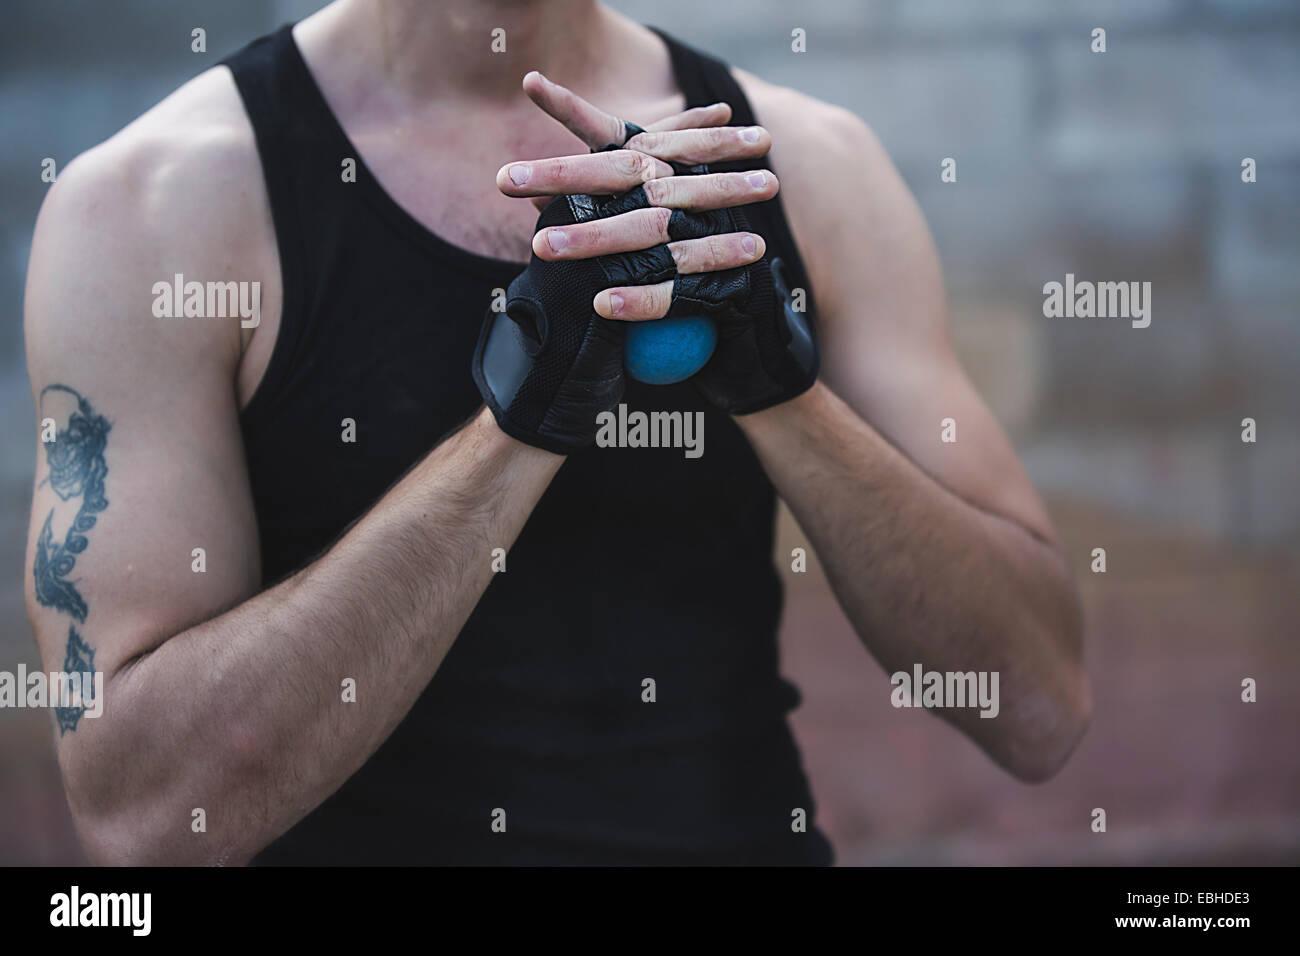 Captura recortada del joven jugador de balonmano masculino apretando la bola Imagen De Stock